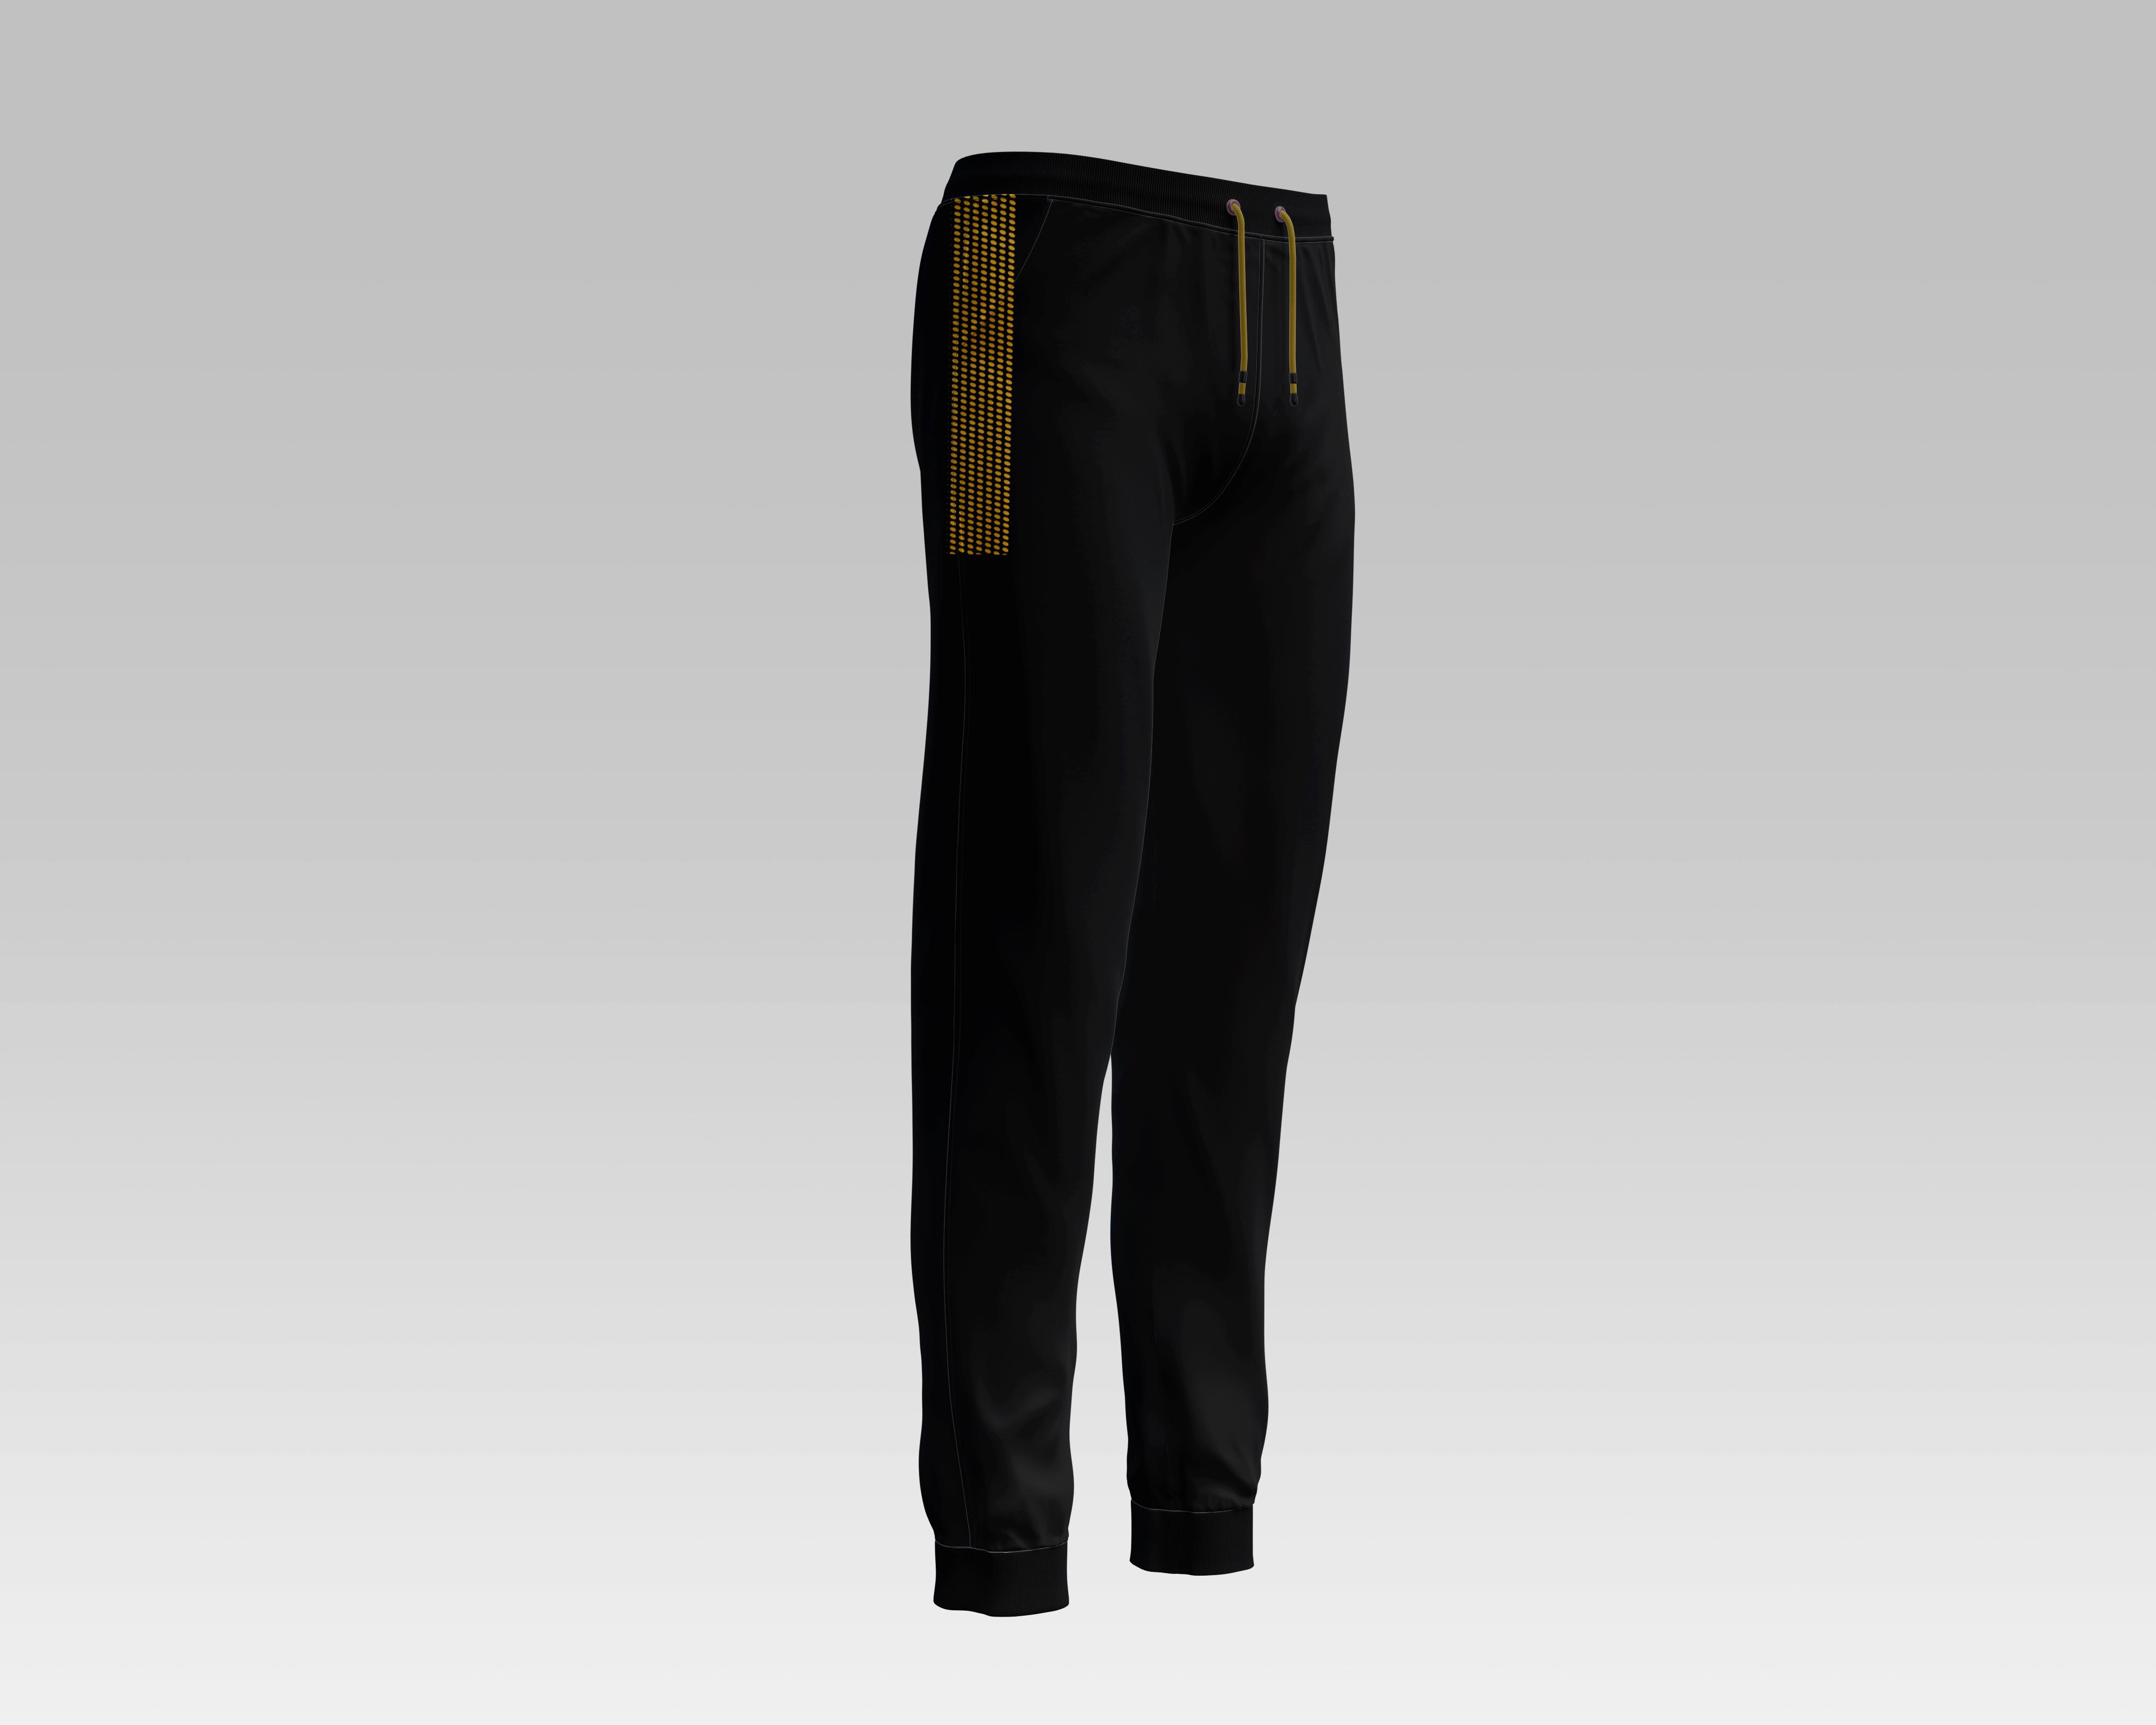 Unique Design BLACK Micro Double Interlock Trousers for Men Gym Trousers Boys